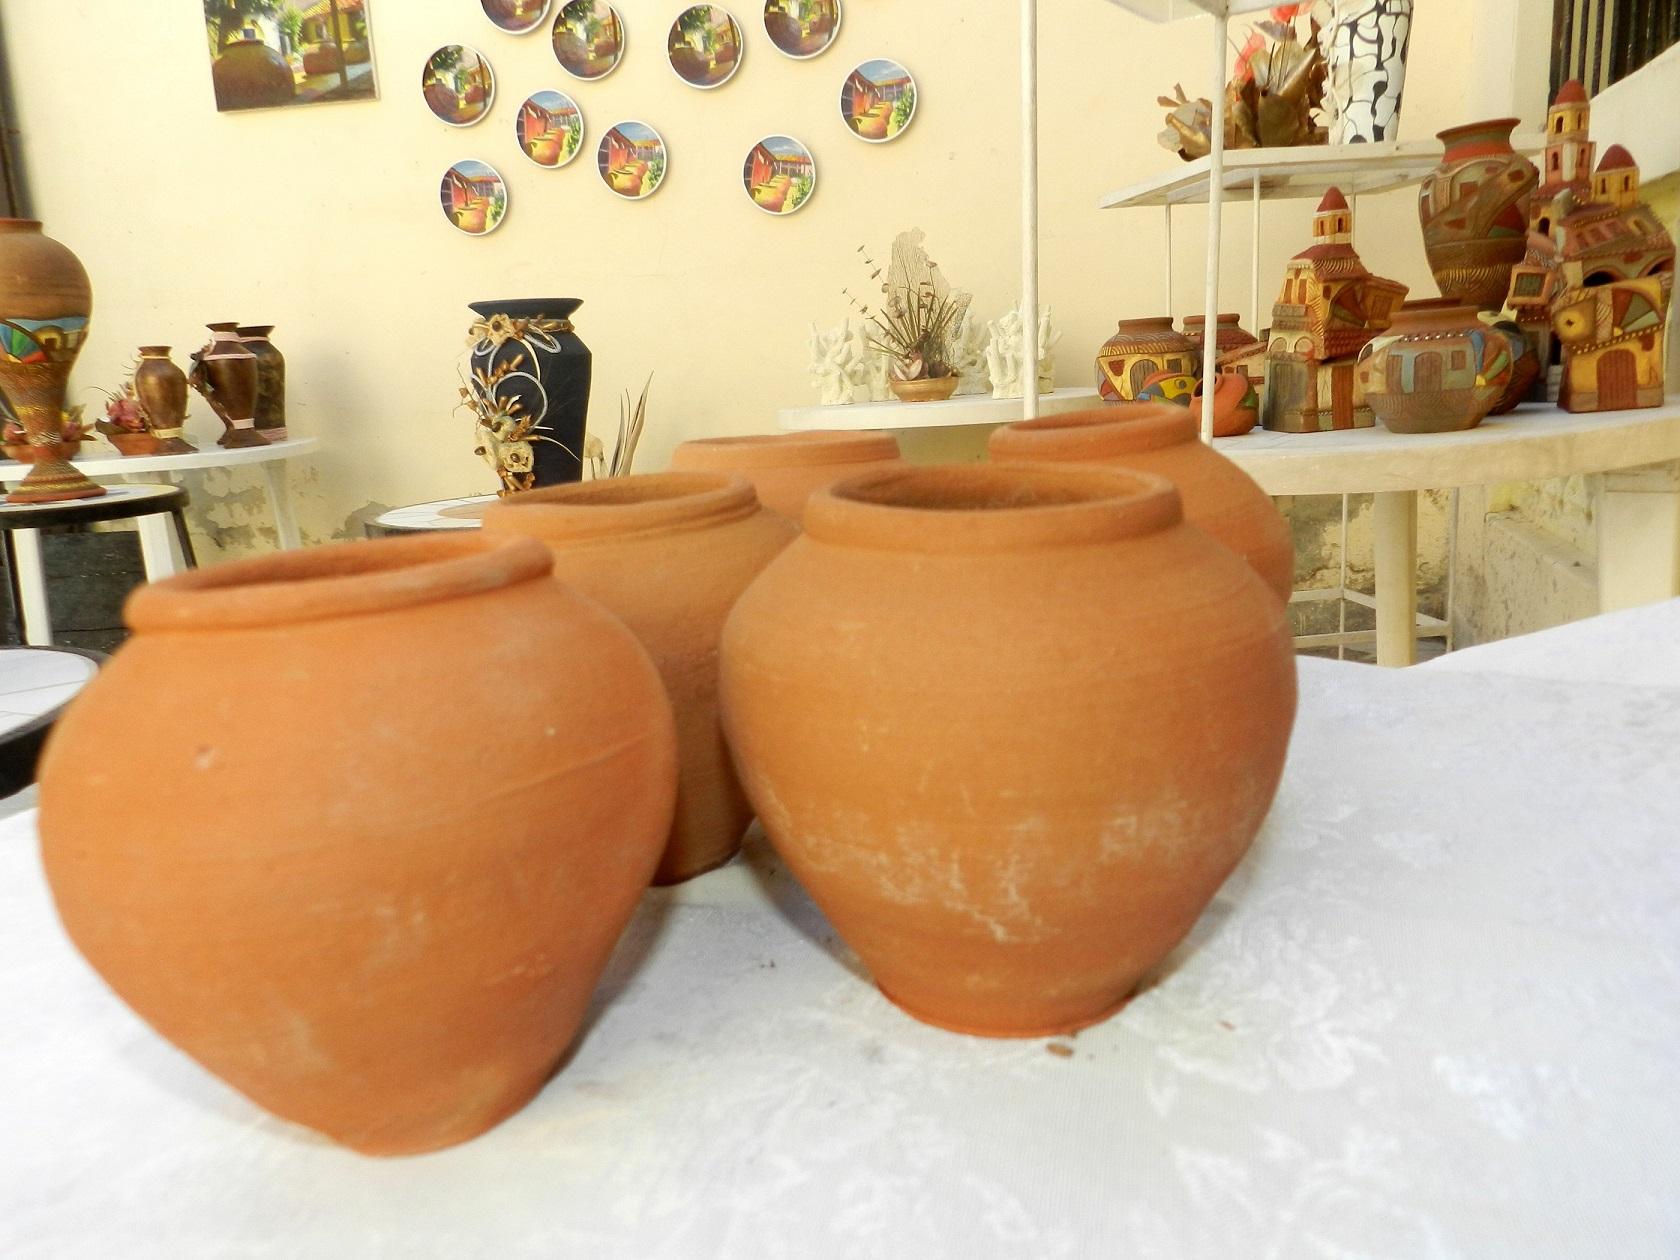 Los tinajones no tienen el fin utilitario de almacenaje de agua sino que otorgan ese toque ornamental y tradicional de embellecer